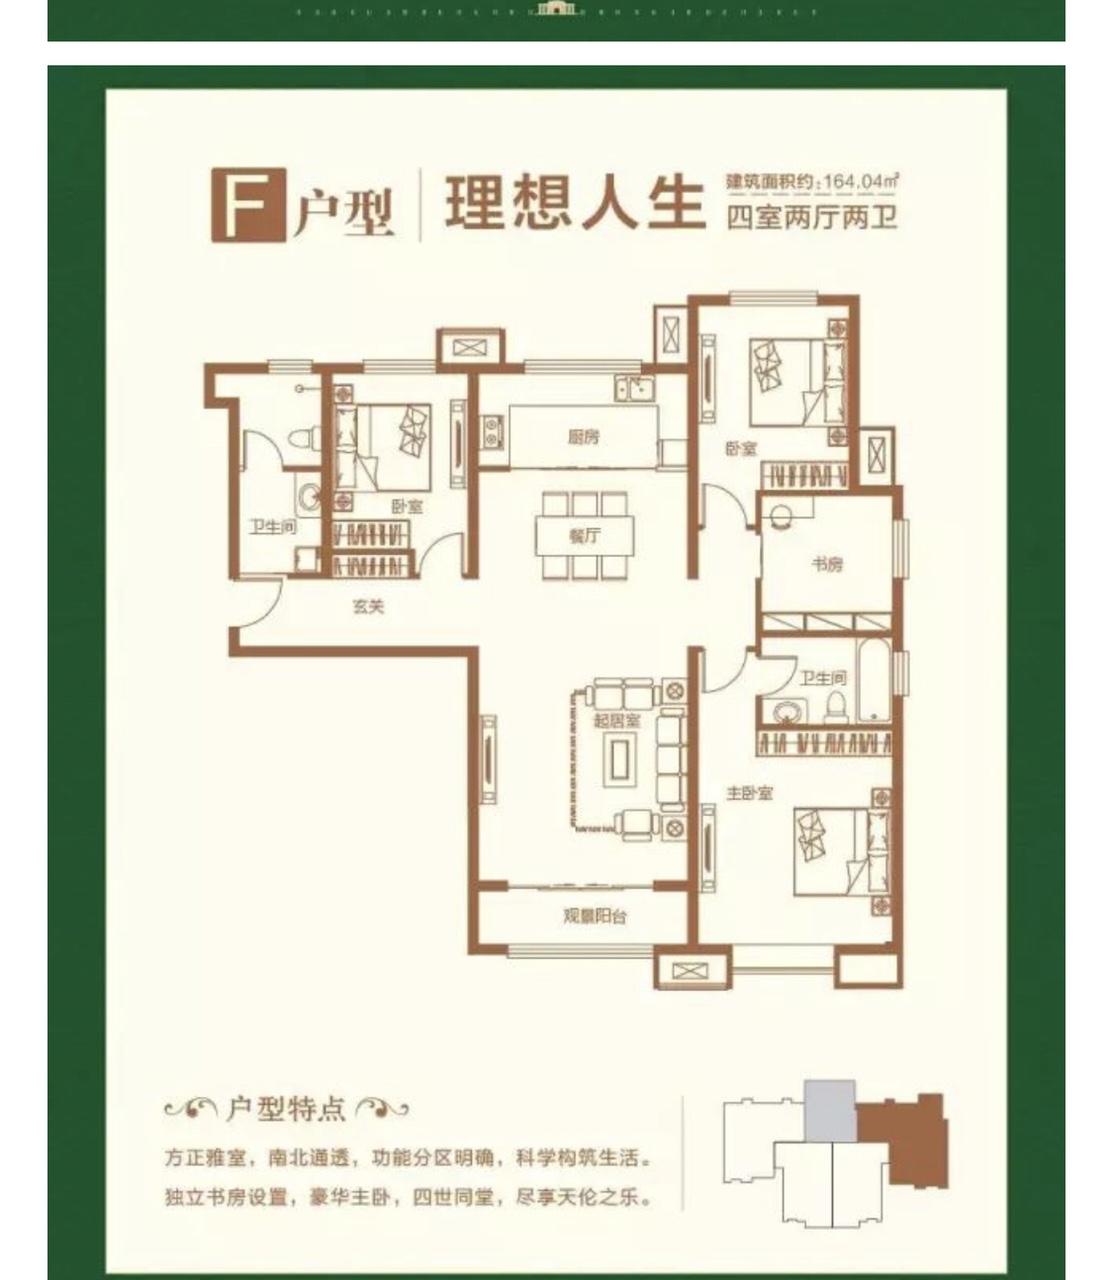 泰华城府4室 2厅 2卫155万元包改名能贷款